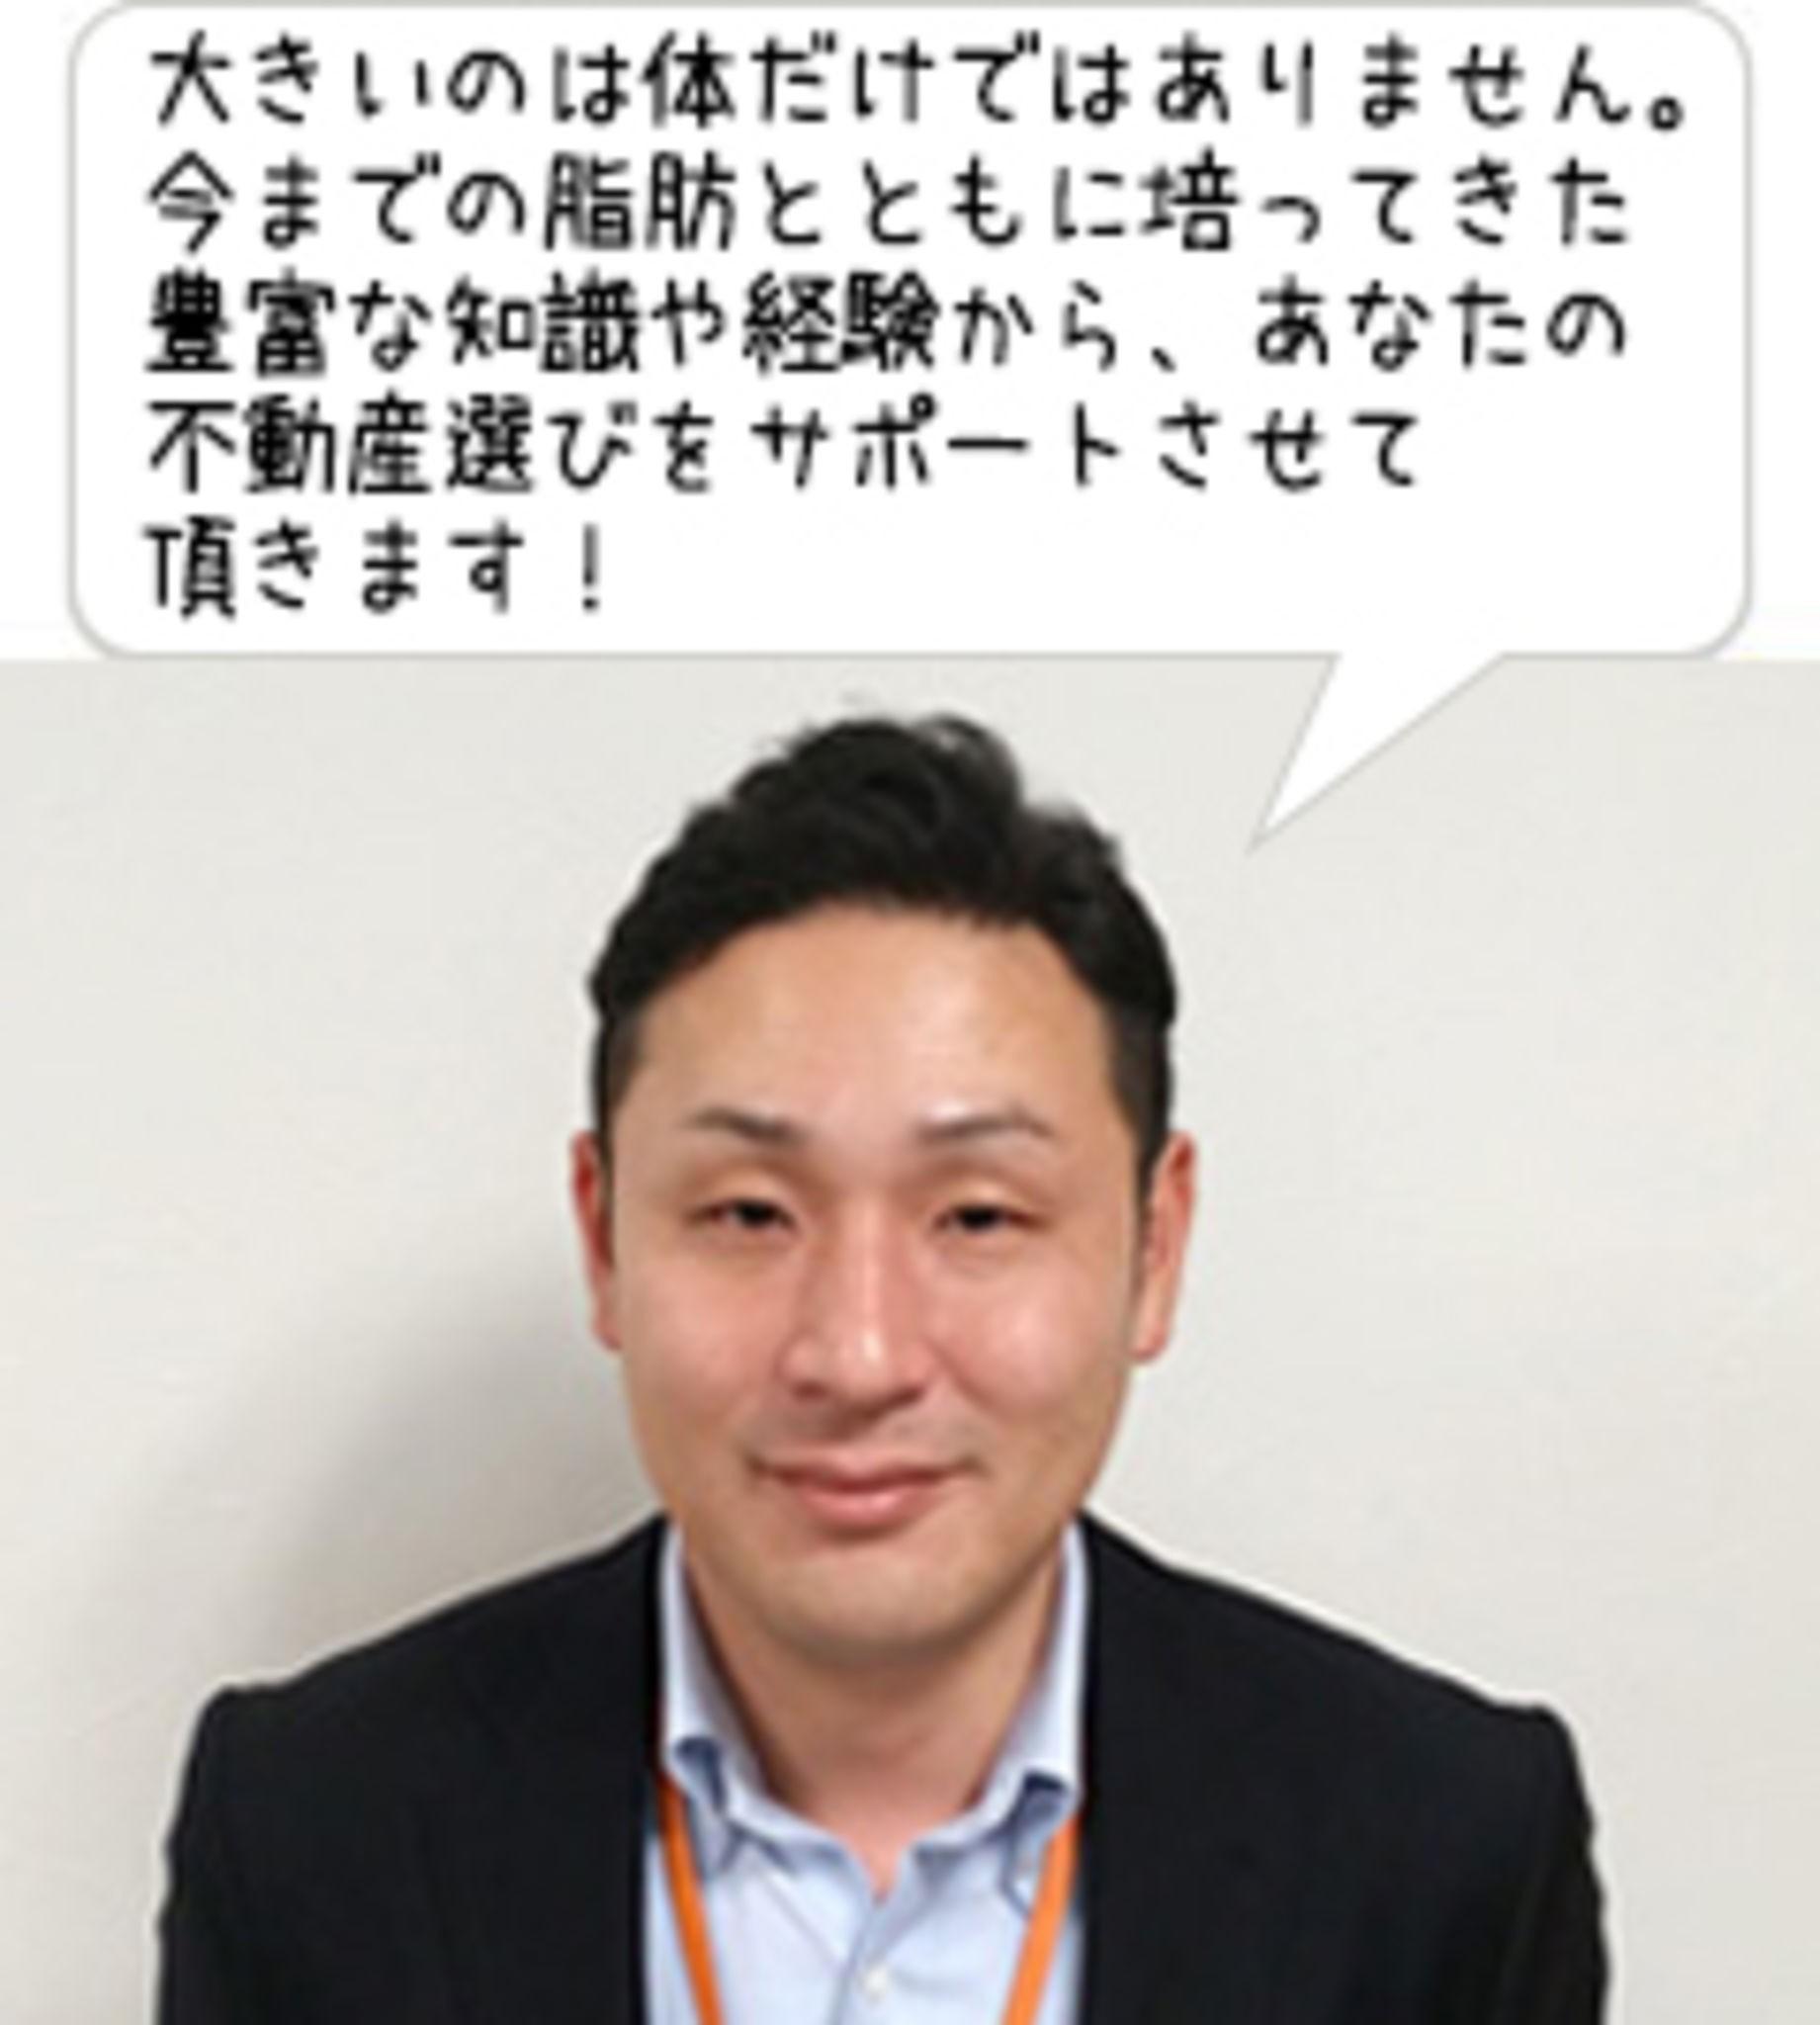 大塚 一史